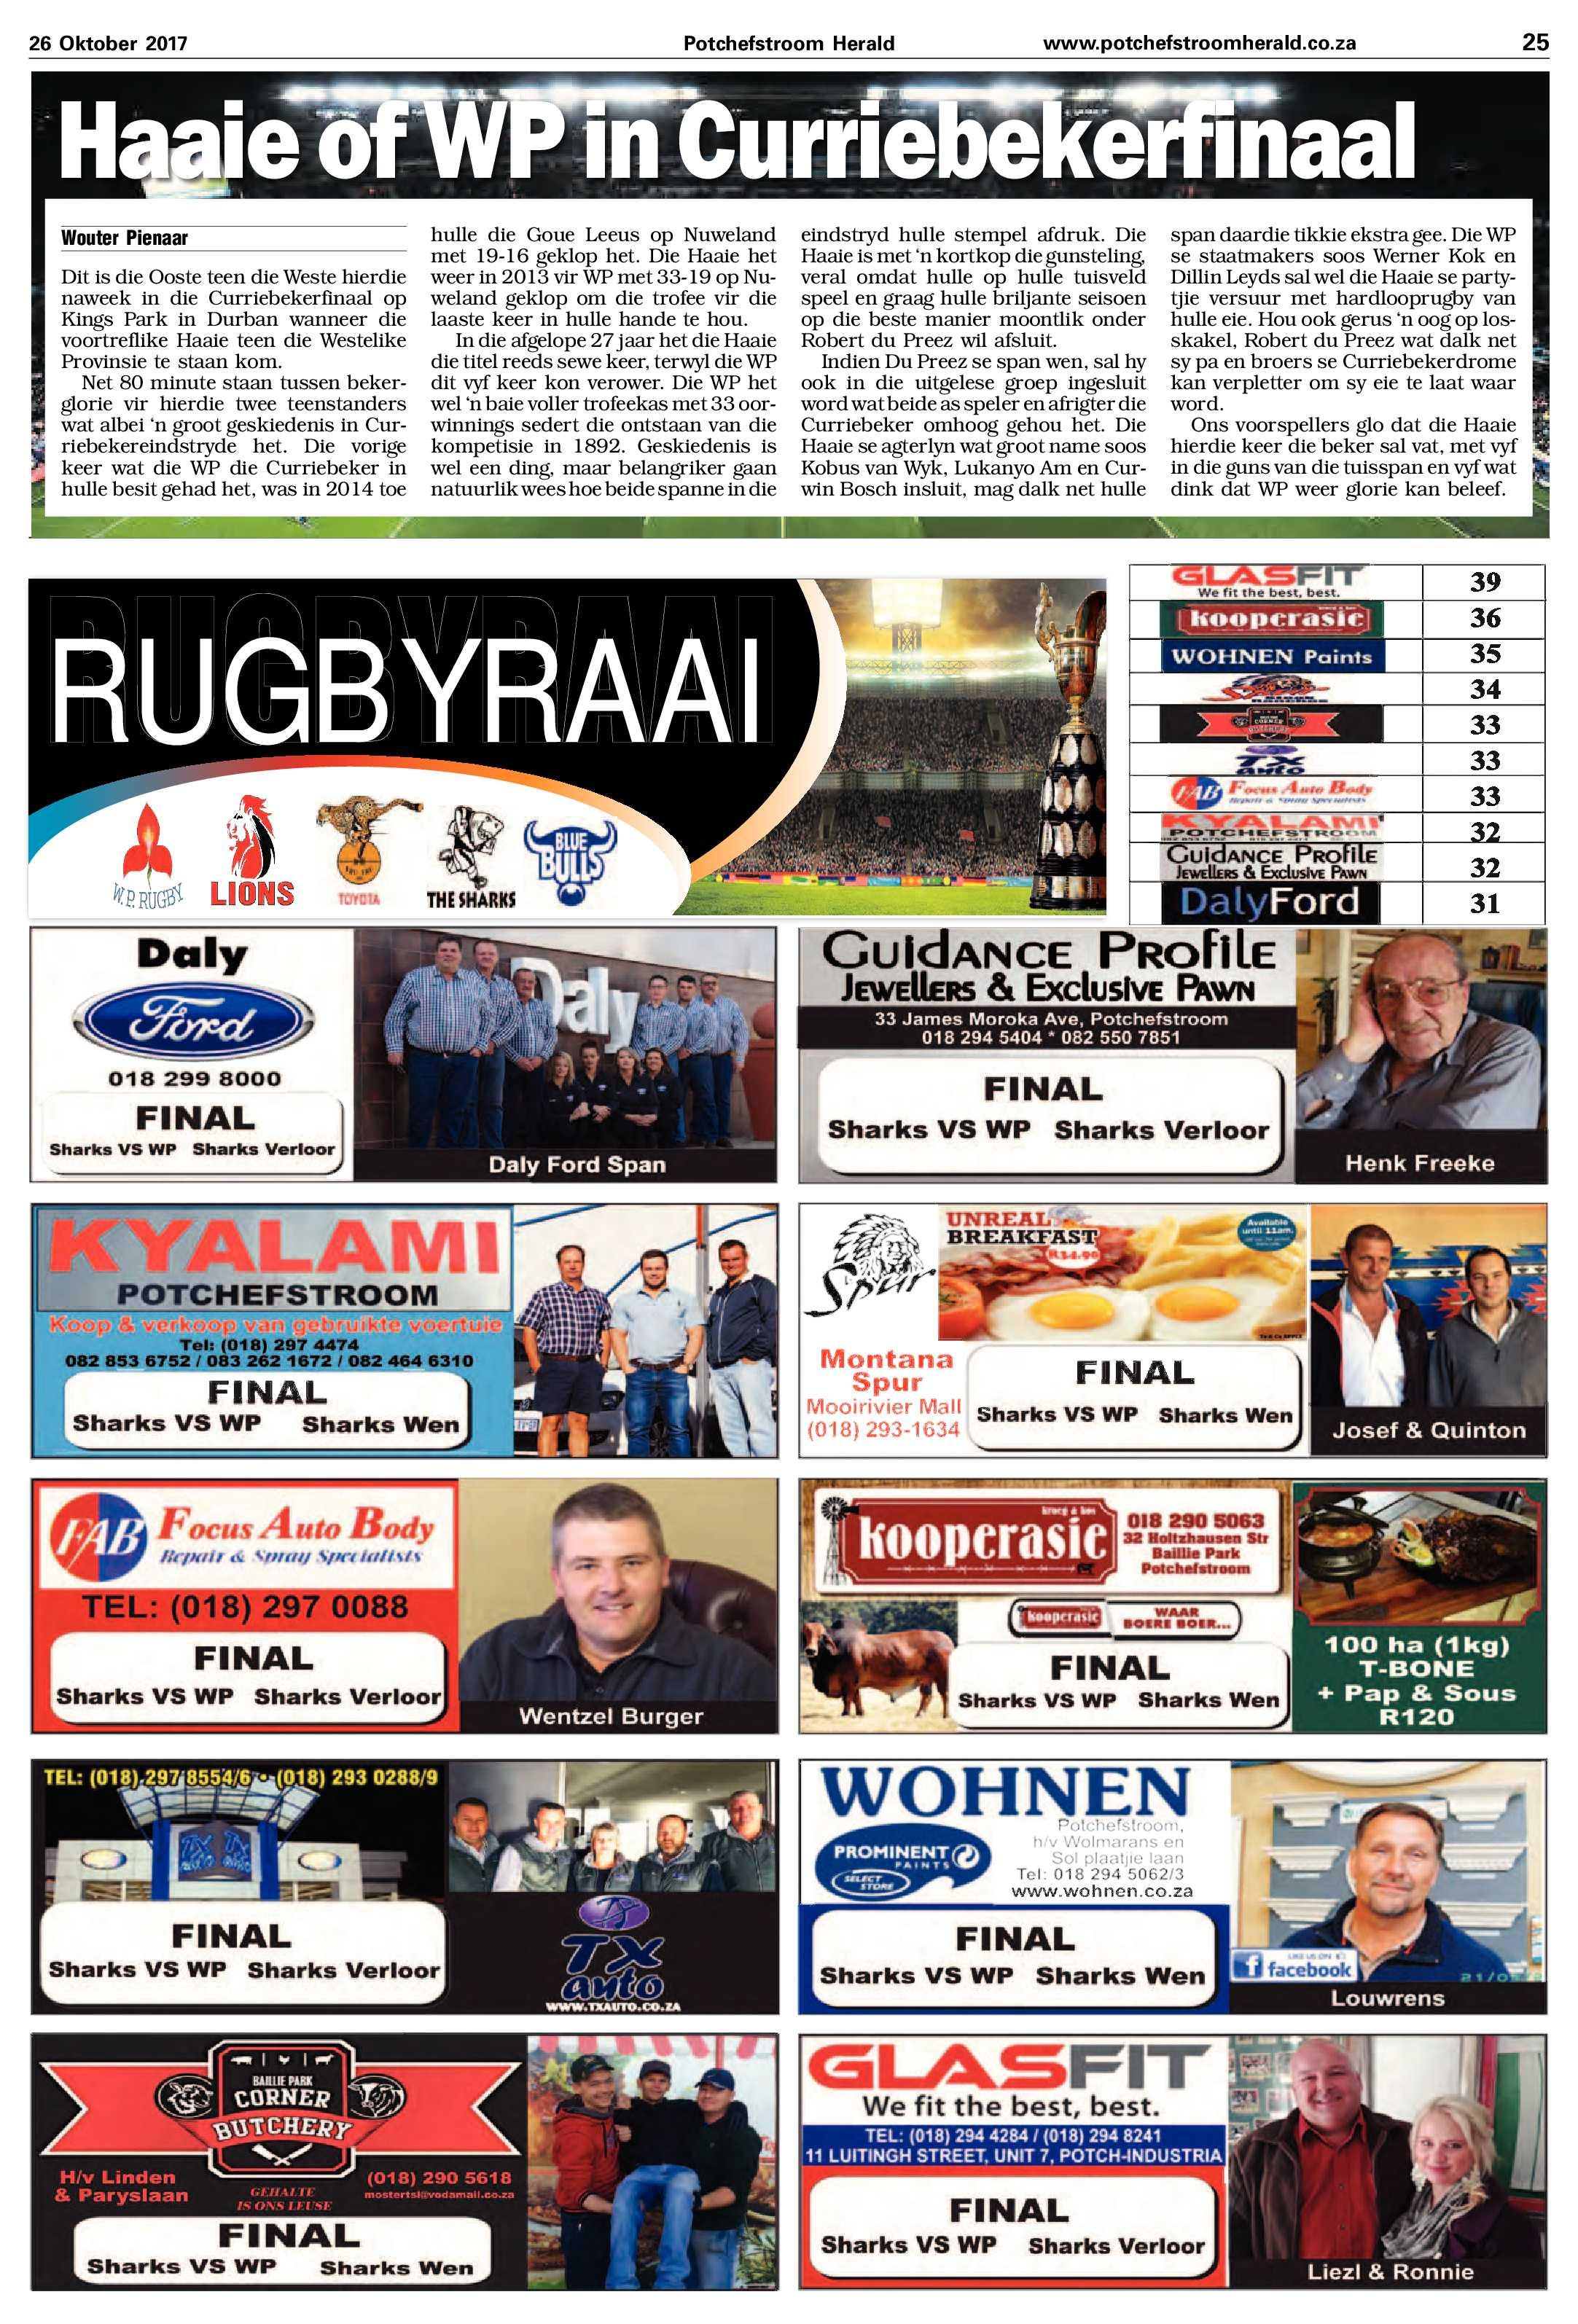 26-oktober-2017-epapers-page-25